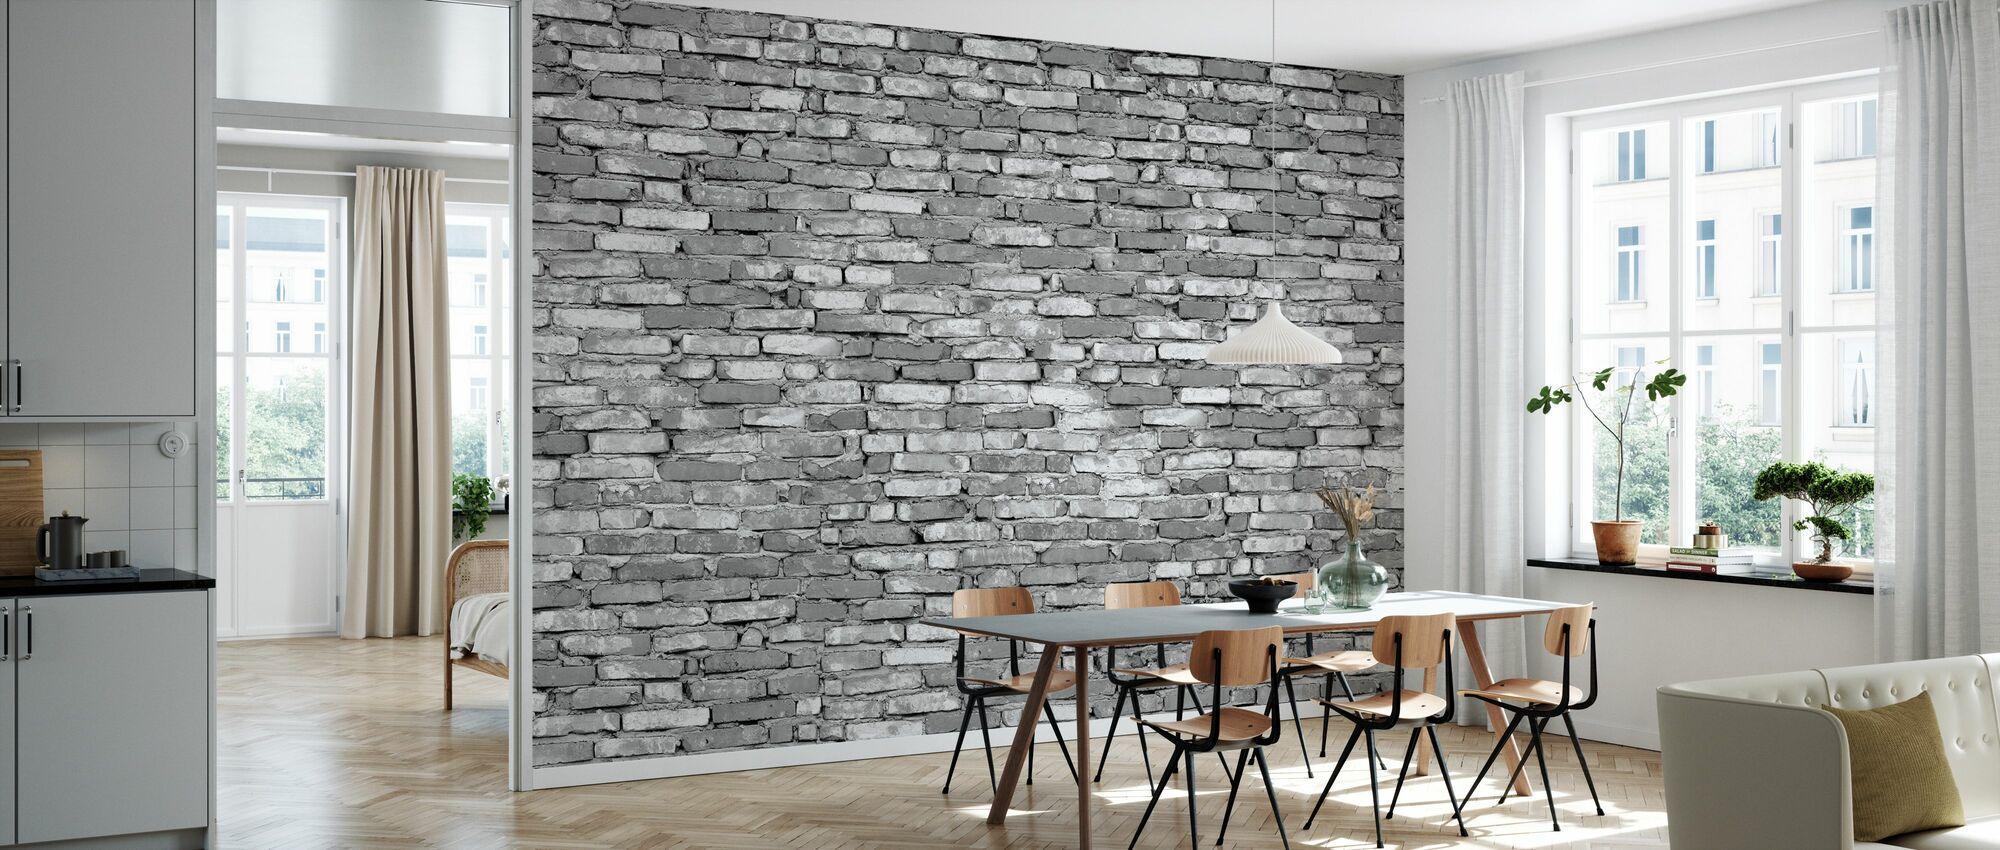 Gamle mursten - Grå - Tapet - Kjøkken